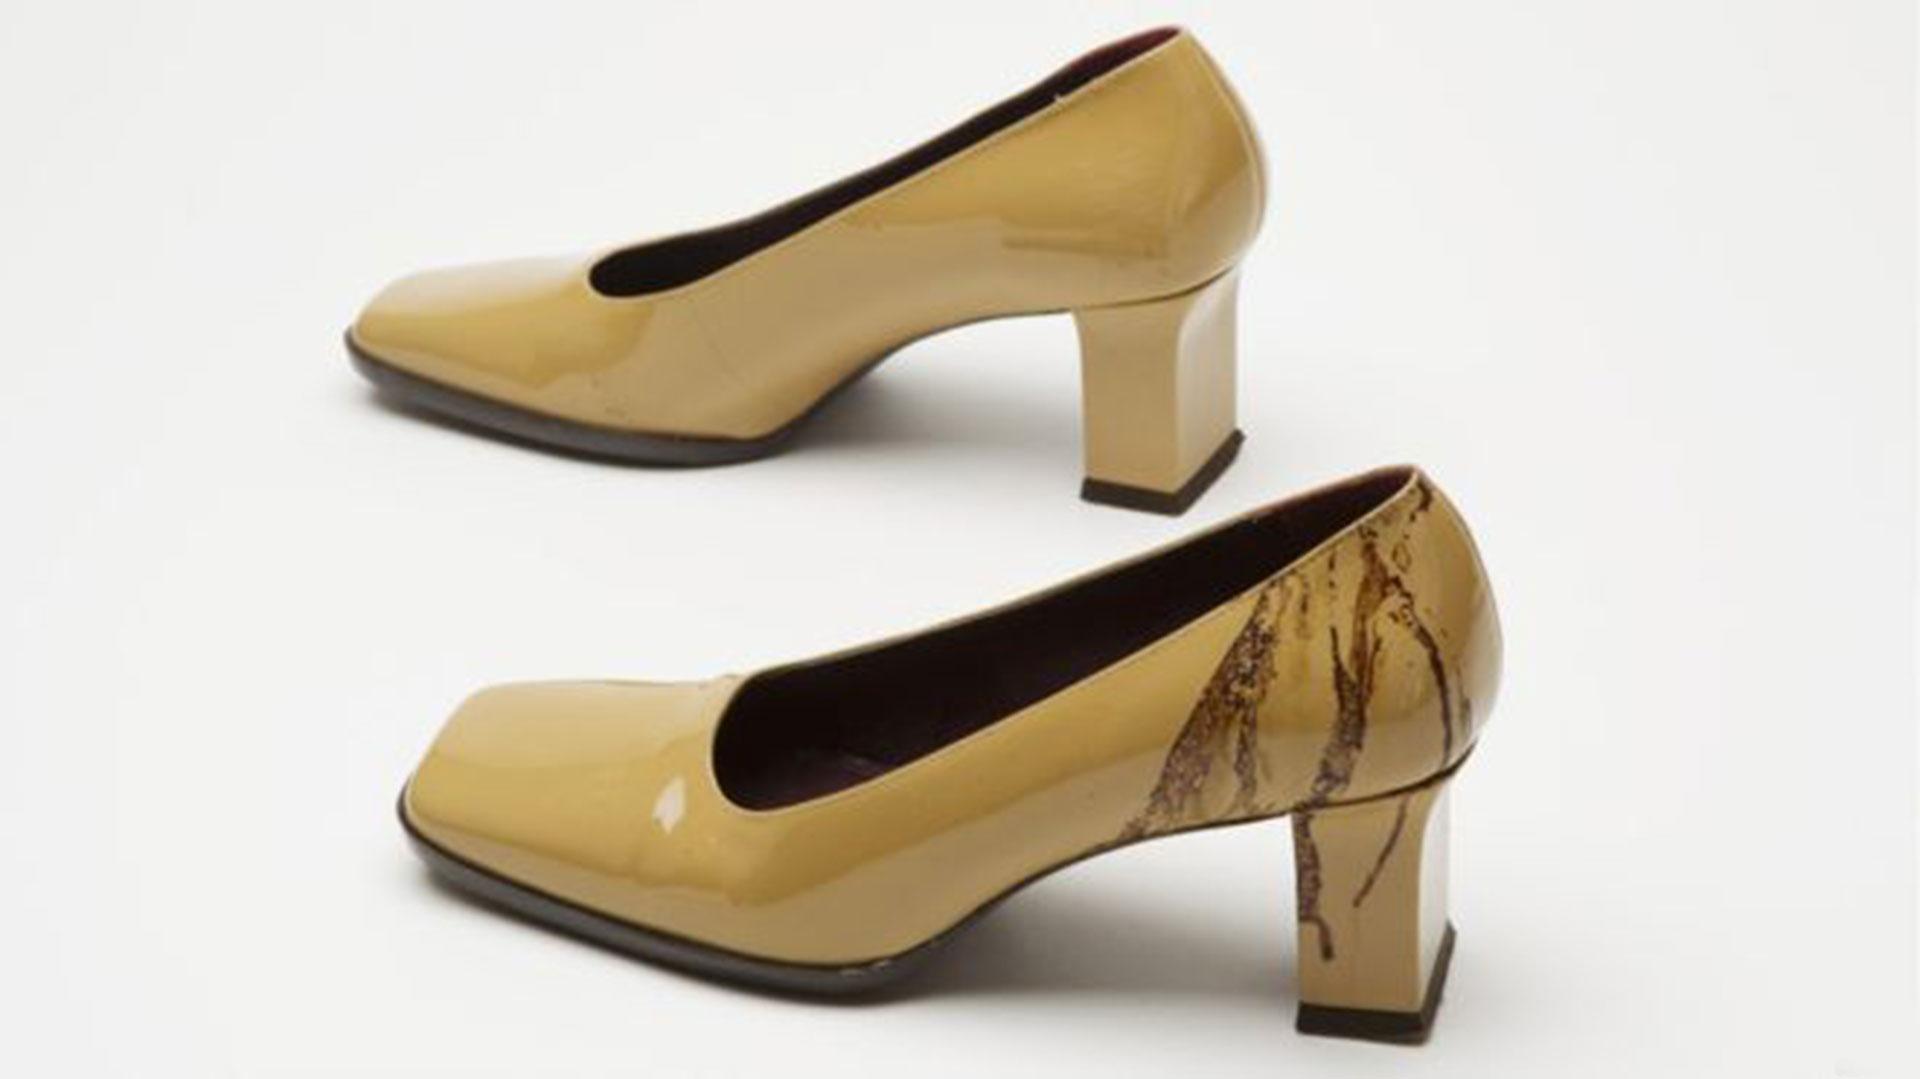 Estos zapatos pertenecían a Linda López, una sobrevivientes que trabajaba en la Torre Sur cuando uno de los aviones impactó. Para escapar los más rápido posible se quitó el calzado y corrió pisando vidrios rotos